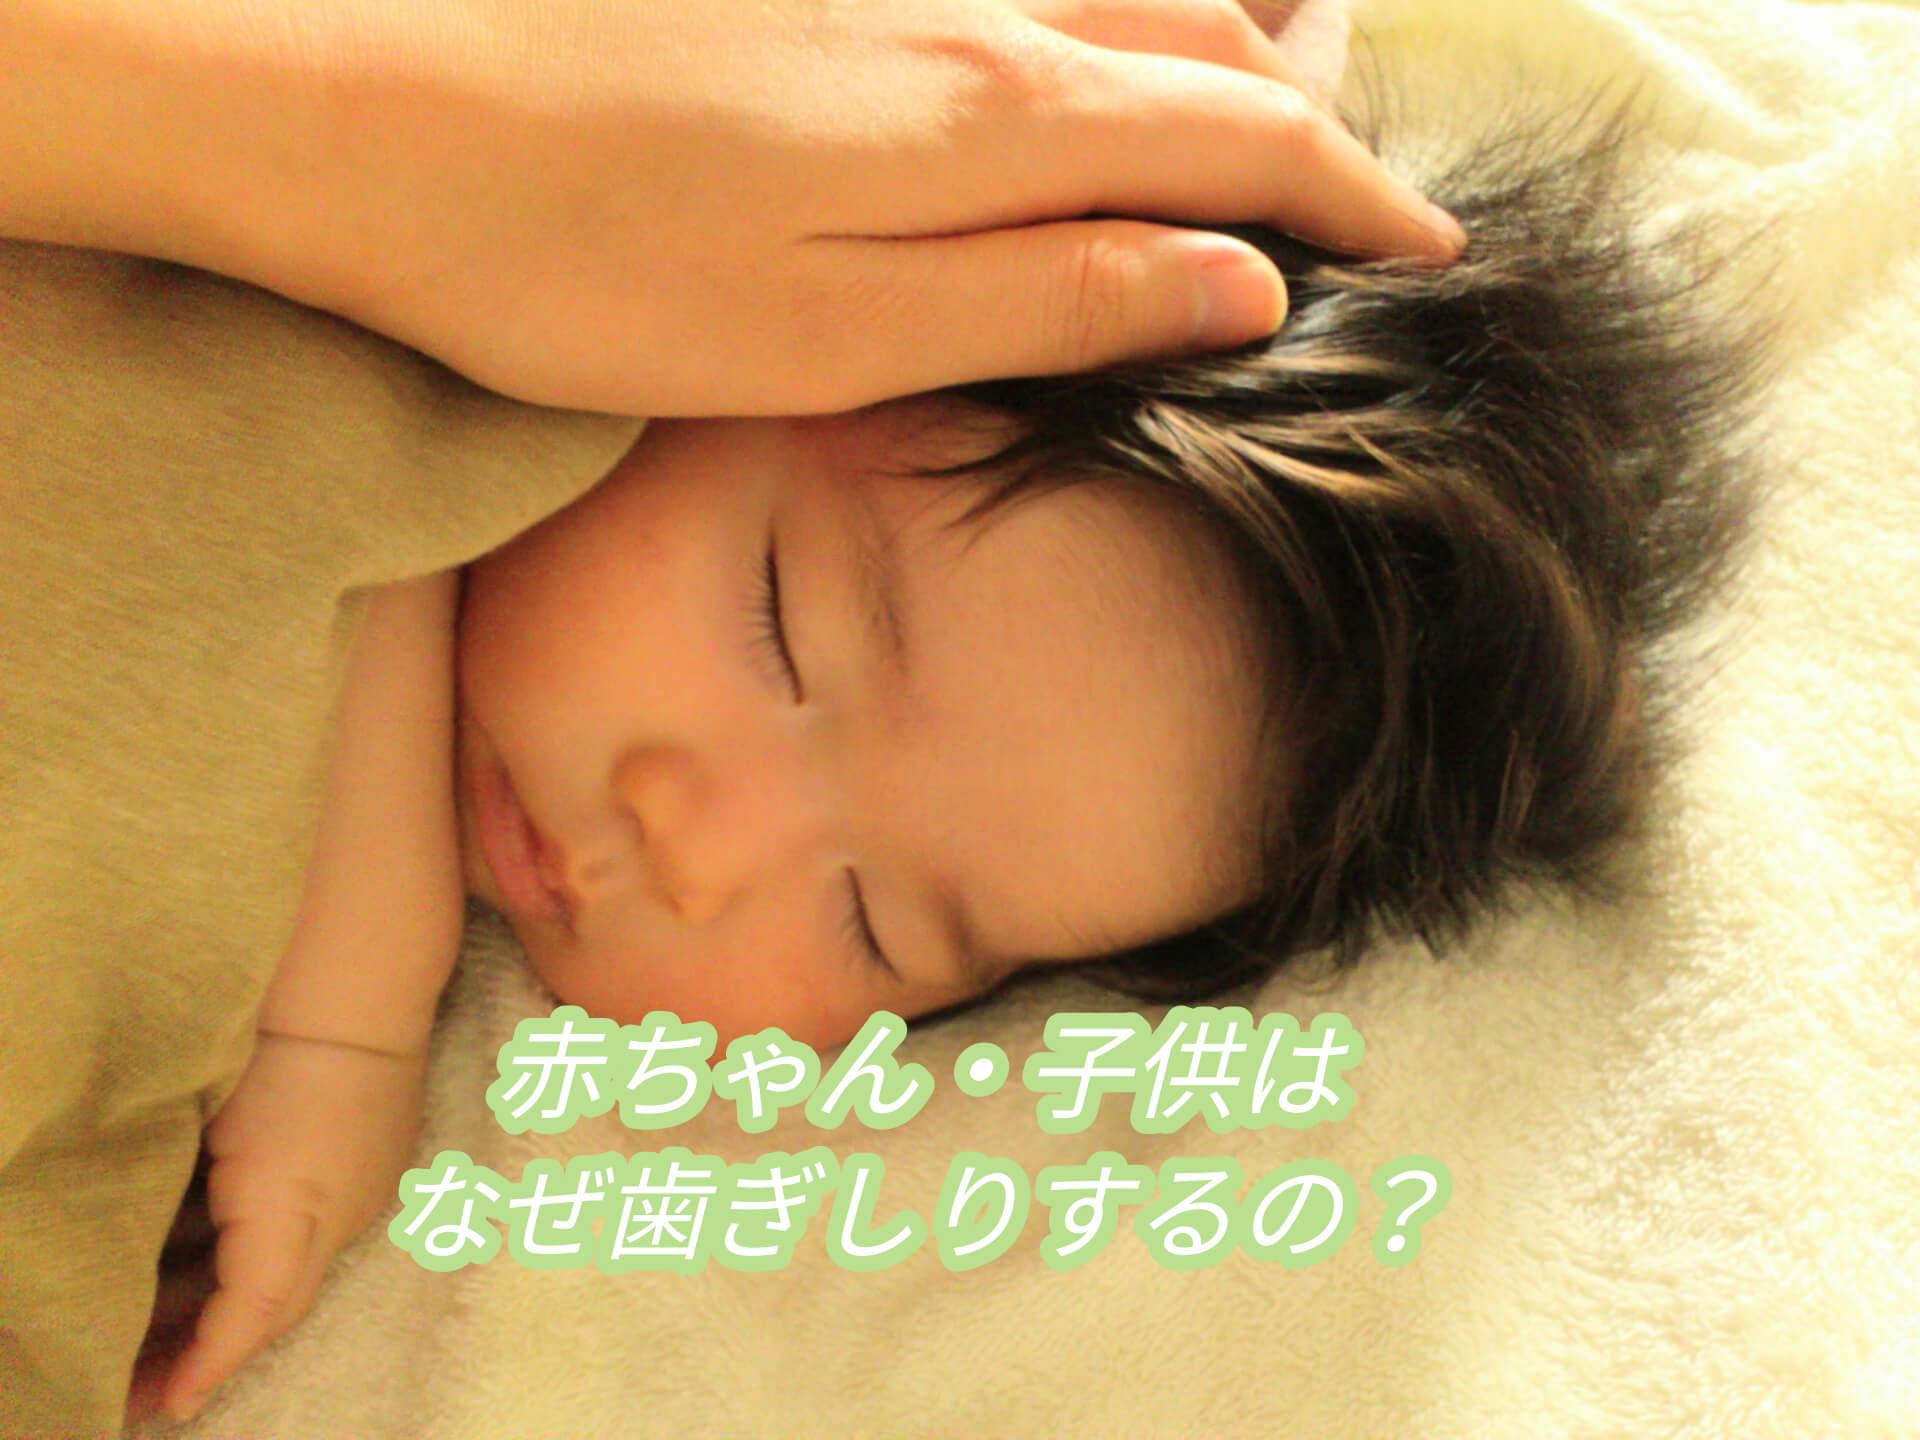 歯ぎしりしている赤ちゃんの心配をするお母さんの手